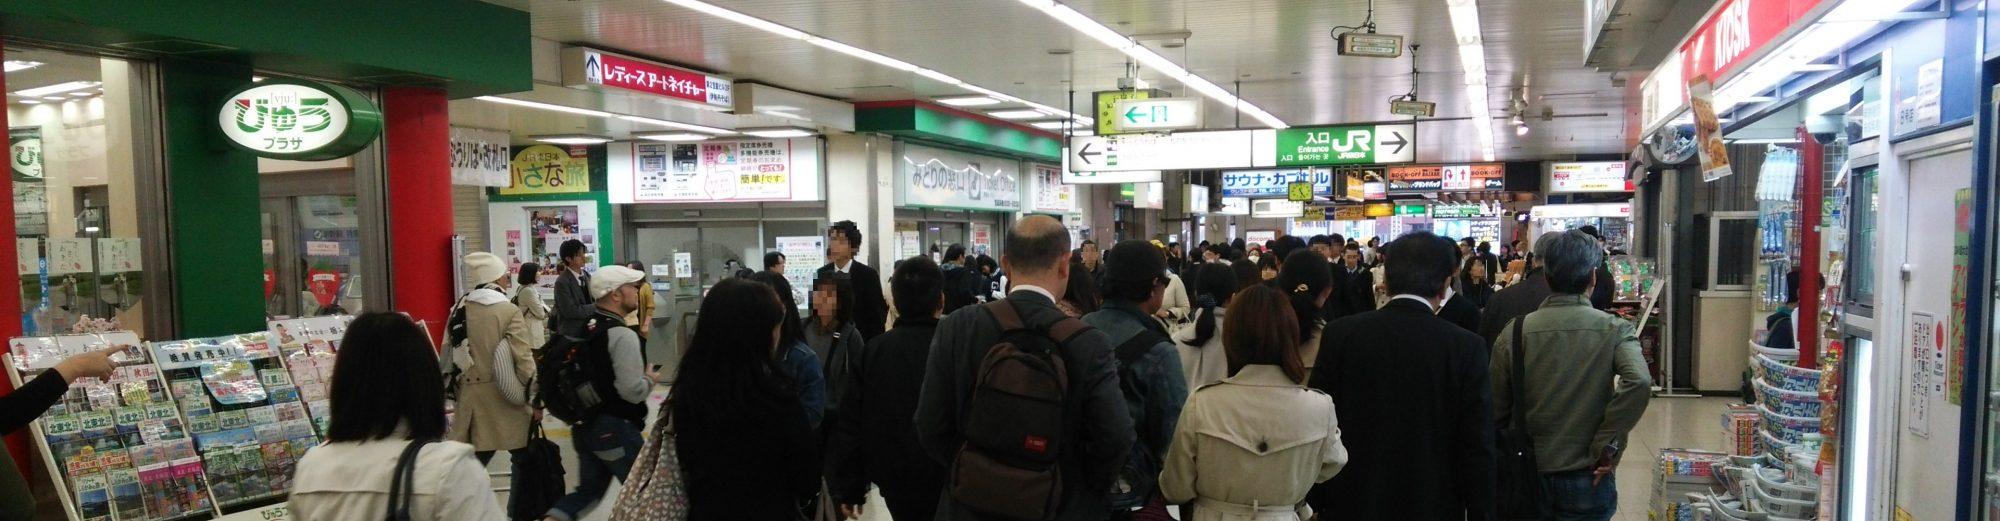 松戸駅のバリアフリー化をみんなで考える会